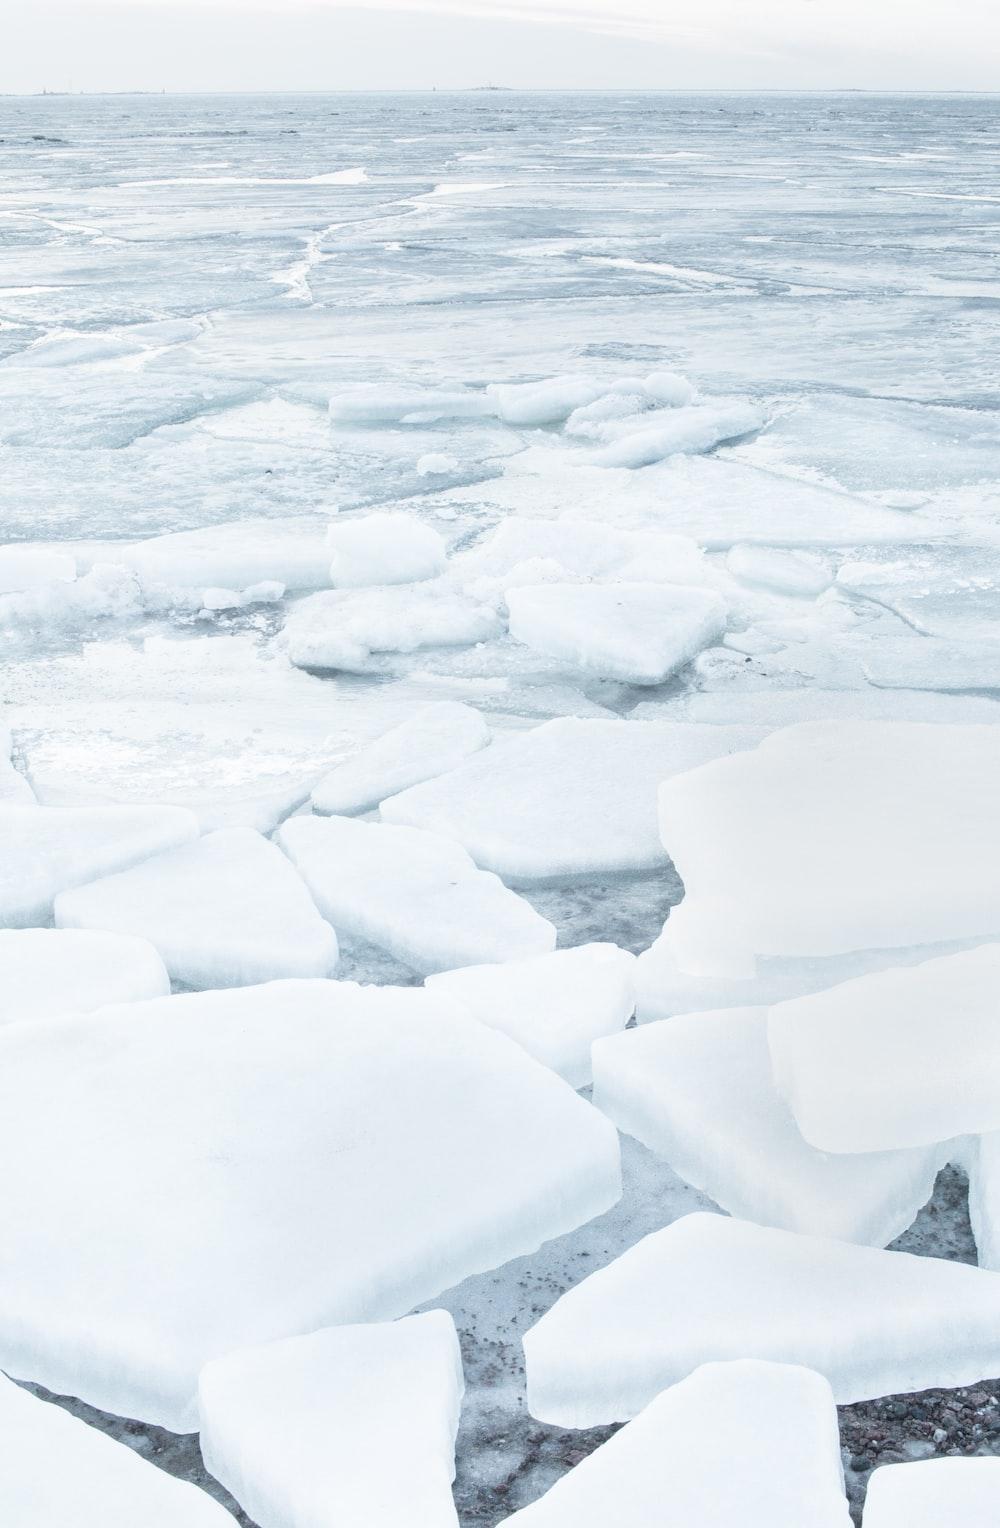 ice blocks during daytime